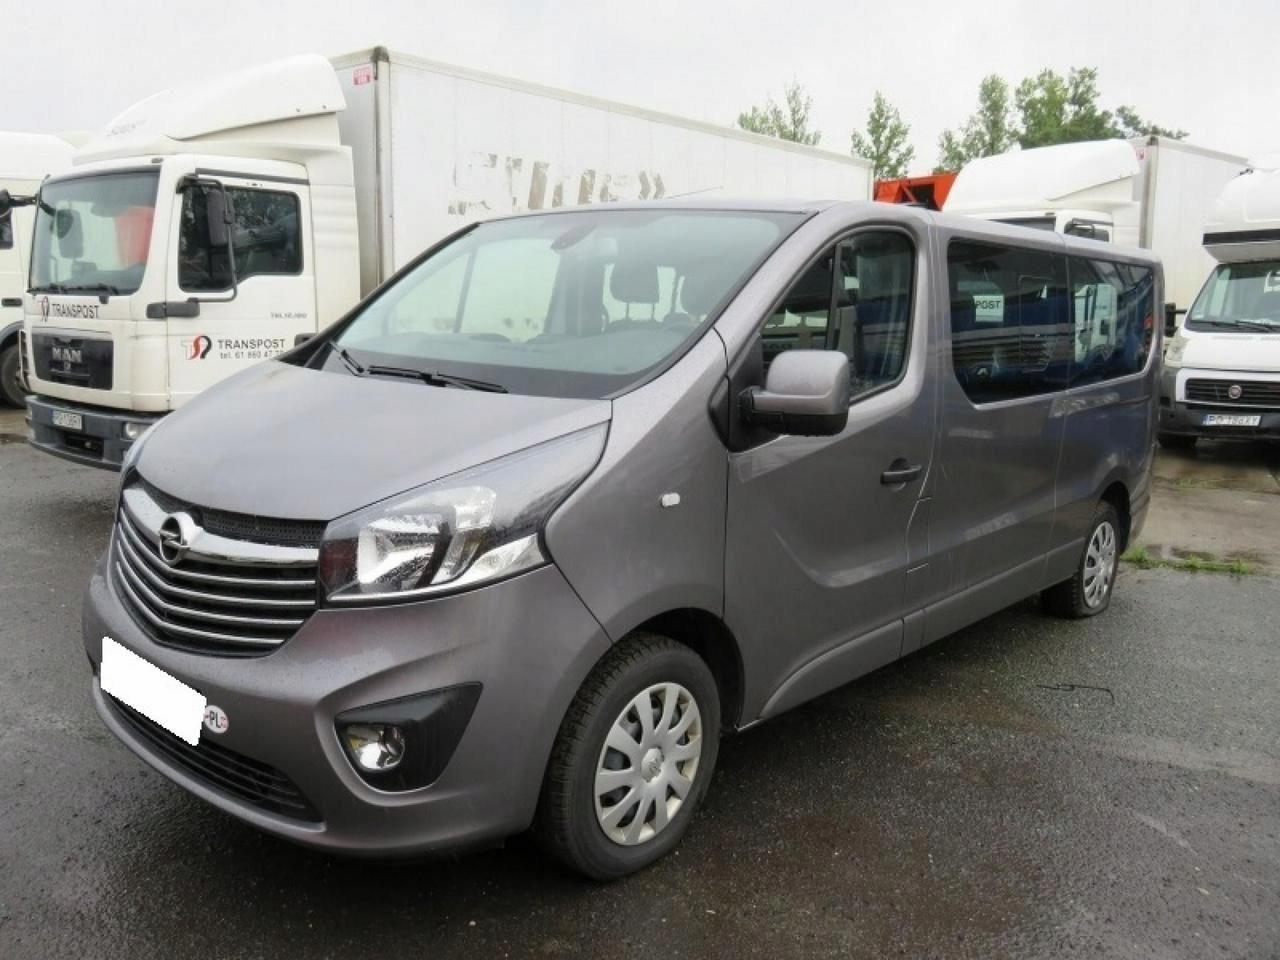 Niewiarygodnie Opel Vivaro 1.6 CDTI - 9 osobowy, FV 23%, Gwarancj - Opinie i ceny IC25